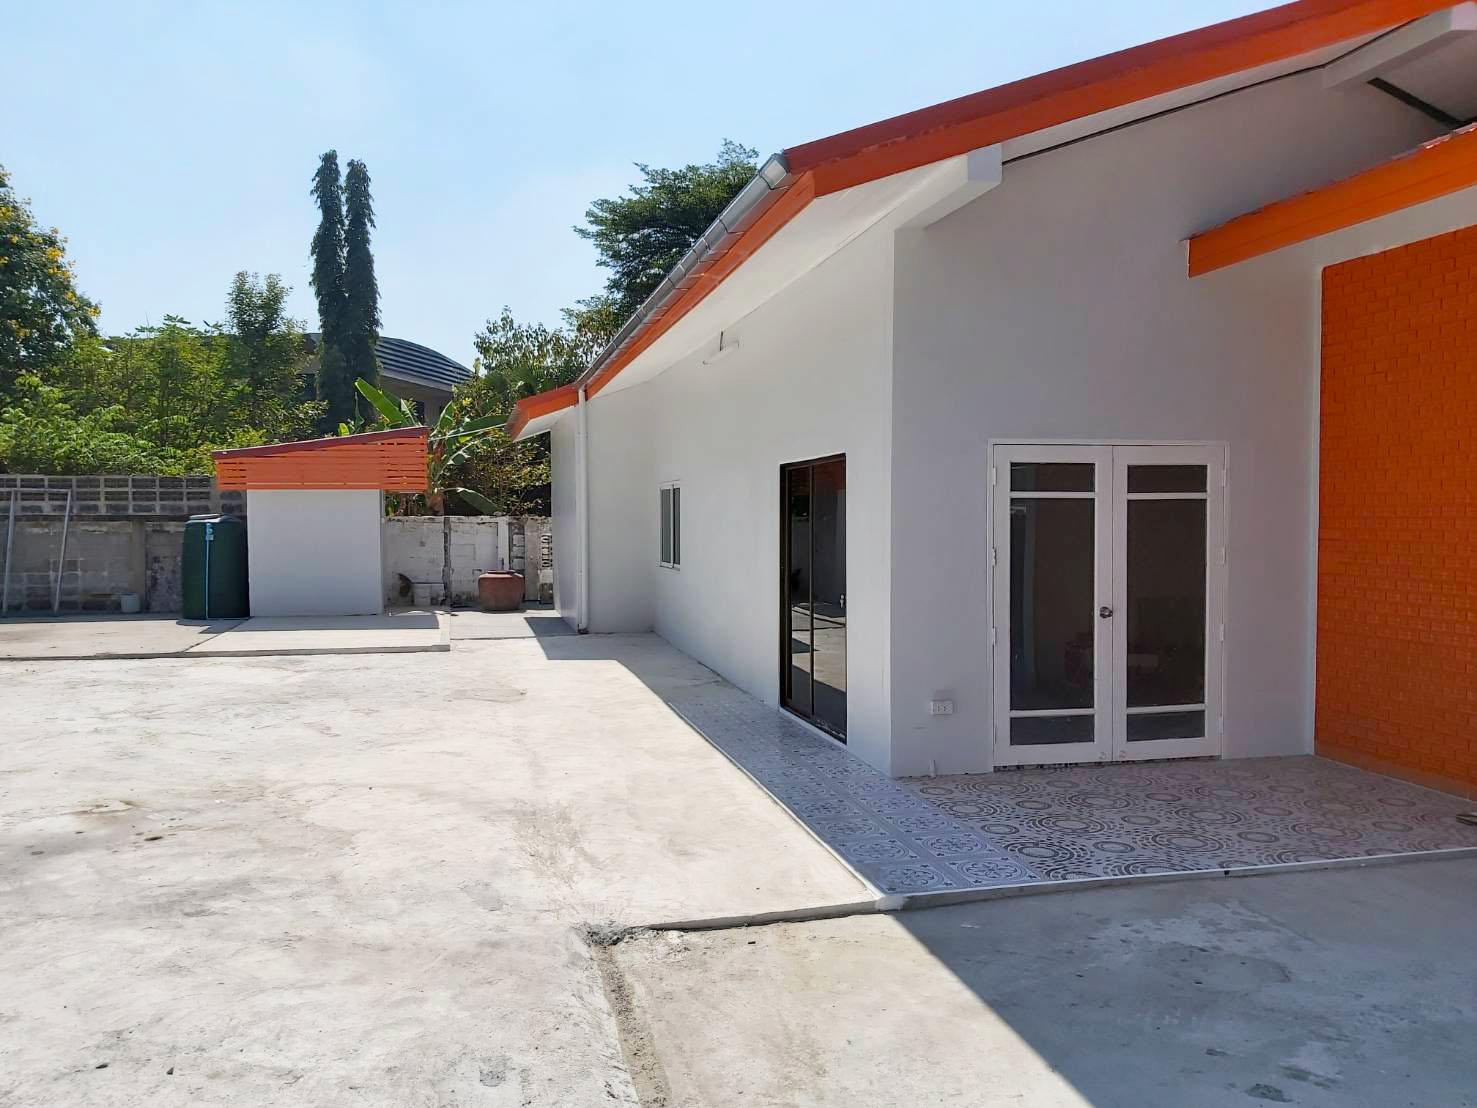 ให้เช่า บ้านเดี่ยว สำหรับทำออฟฟิศ สำนักงาน ซ.นวมินทร์157 รีโนเวทใหม่ 3-ห้องนอน 2-ห้องน้ำ จอดรถได้ 8-10 คัน